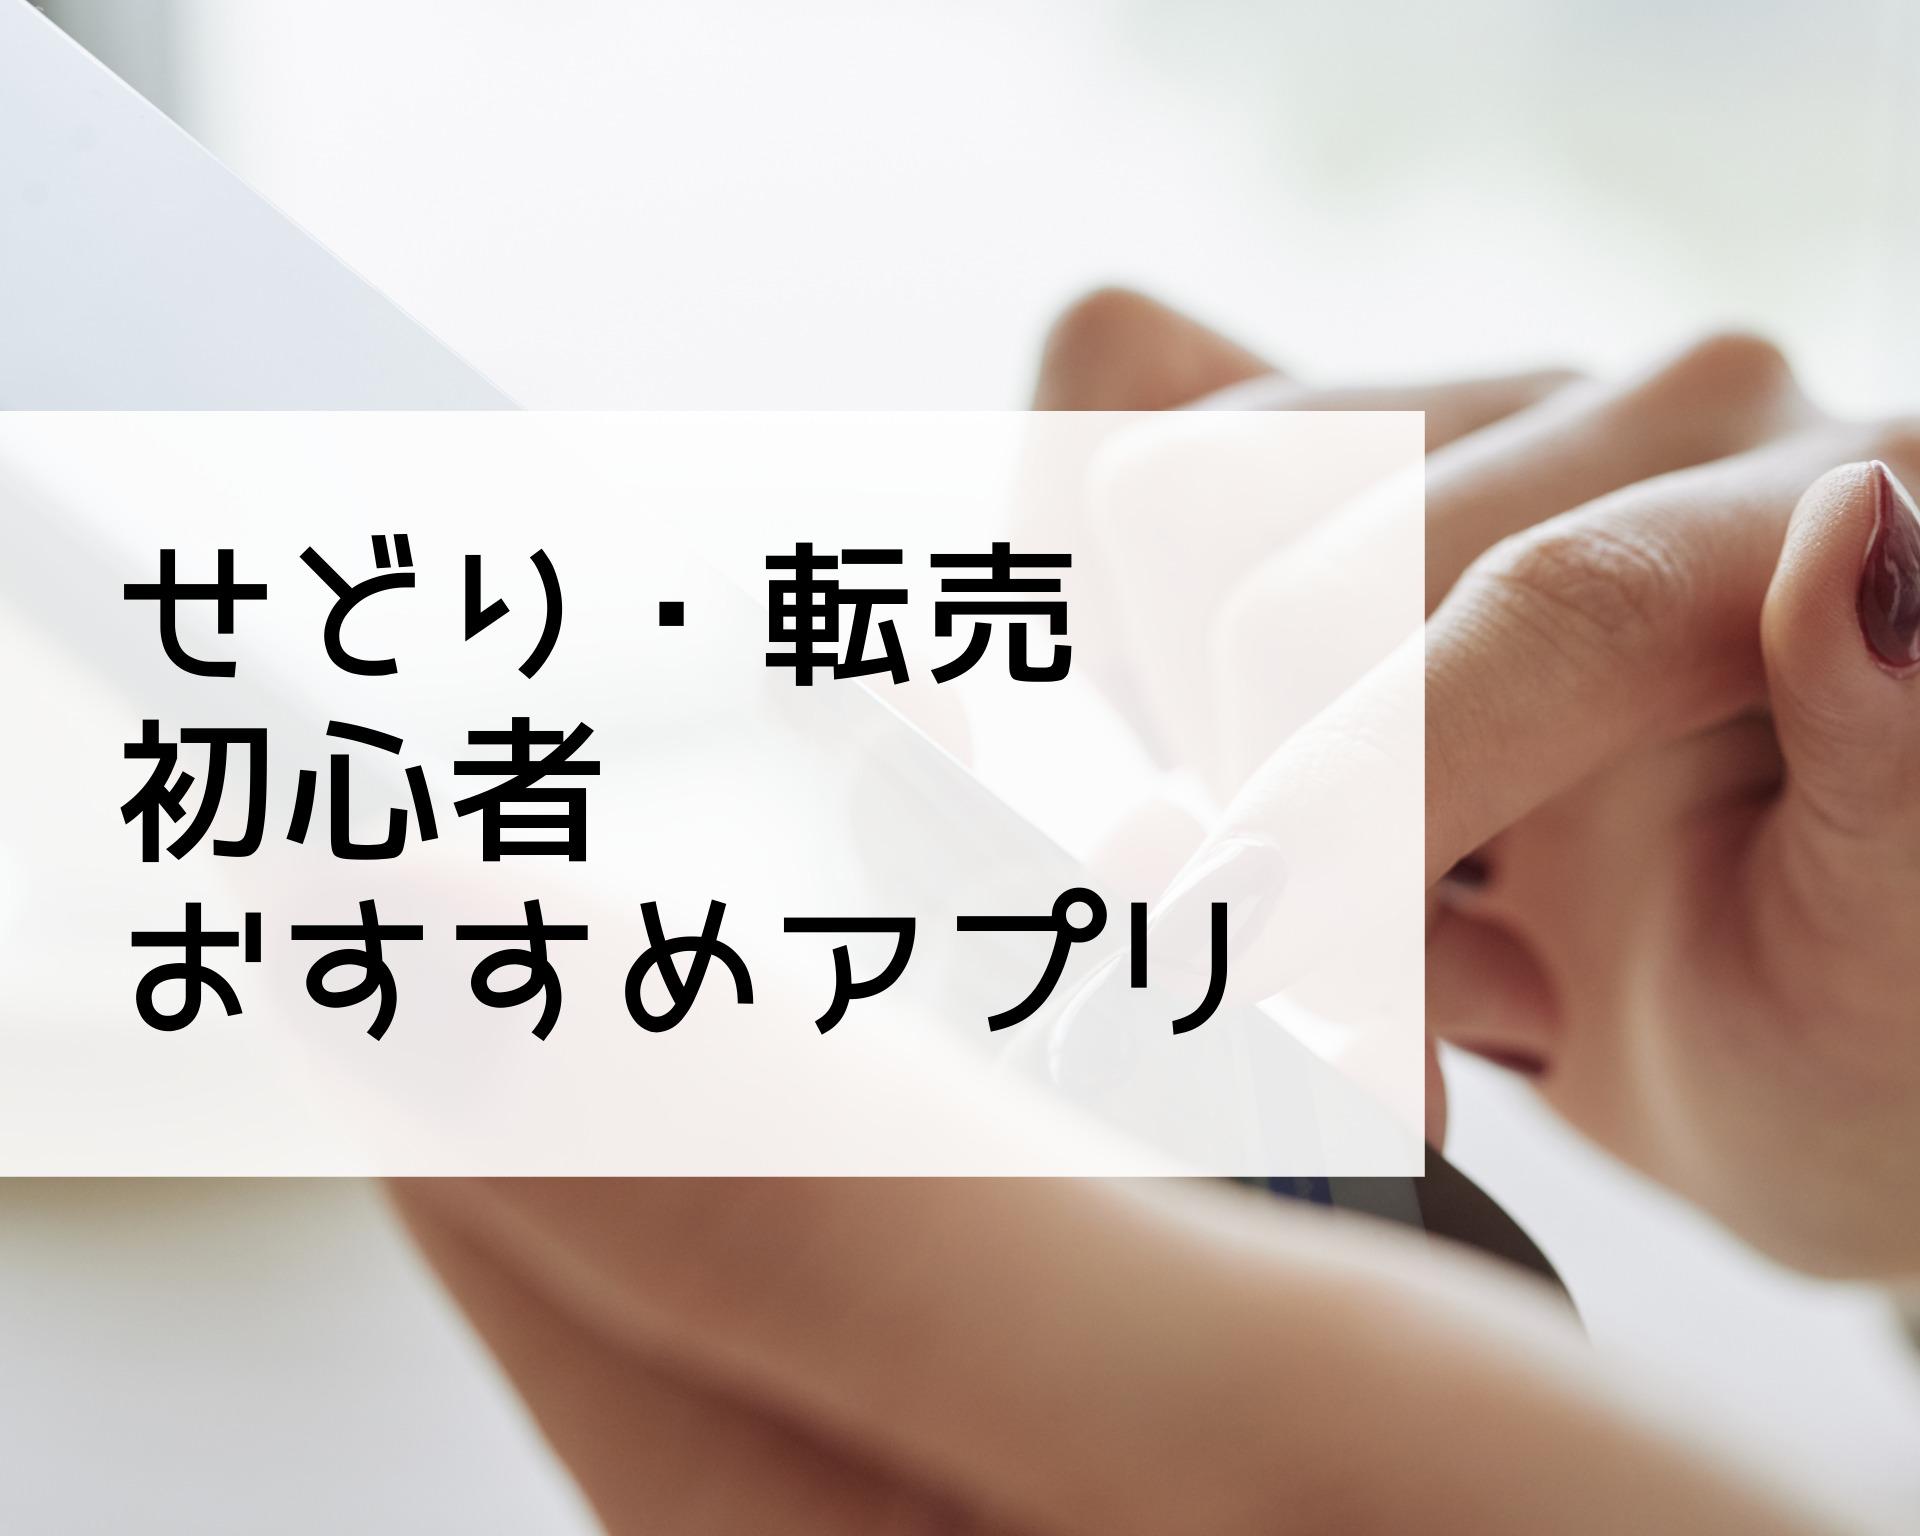 【2021年】せどり・転売初心者におすすめのアプリ10選